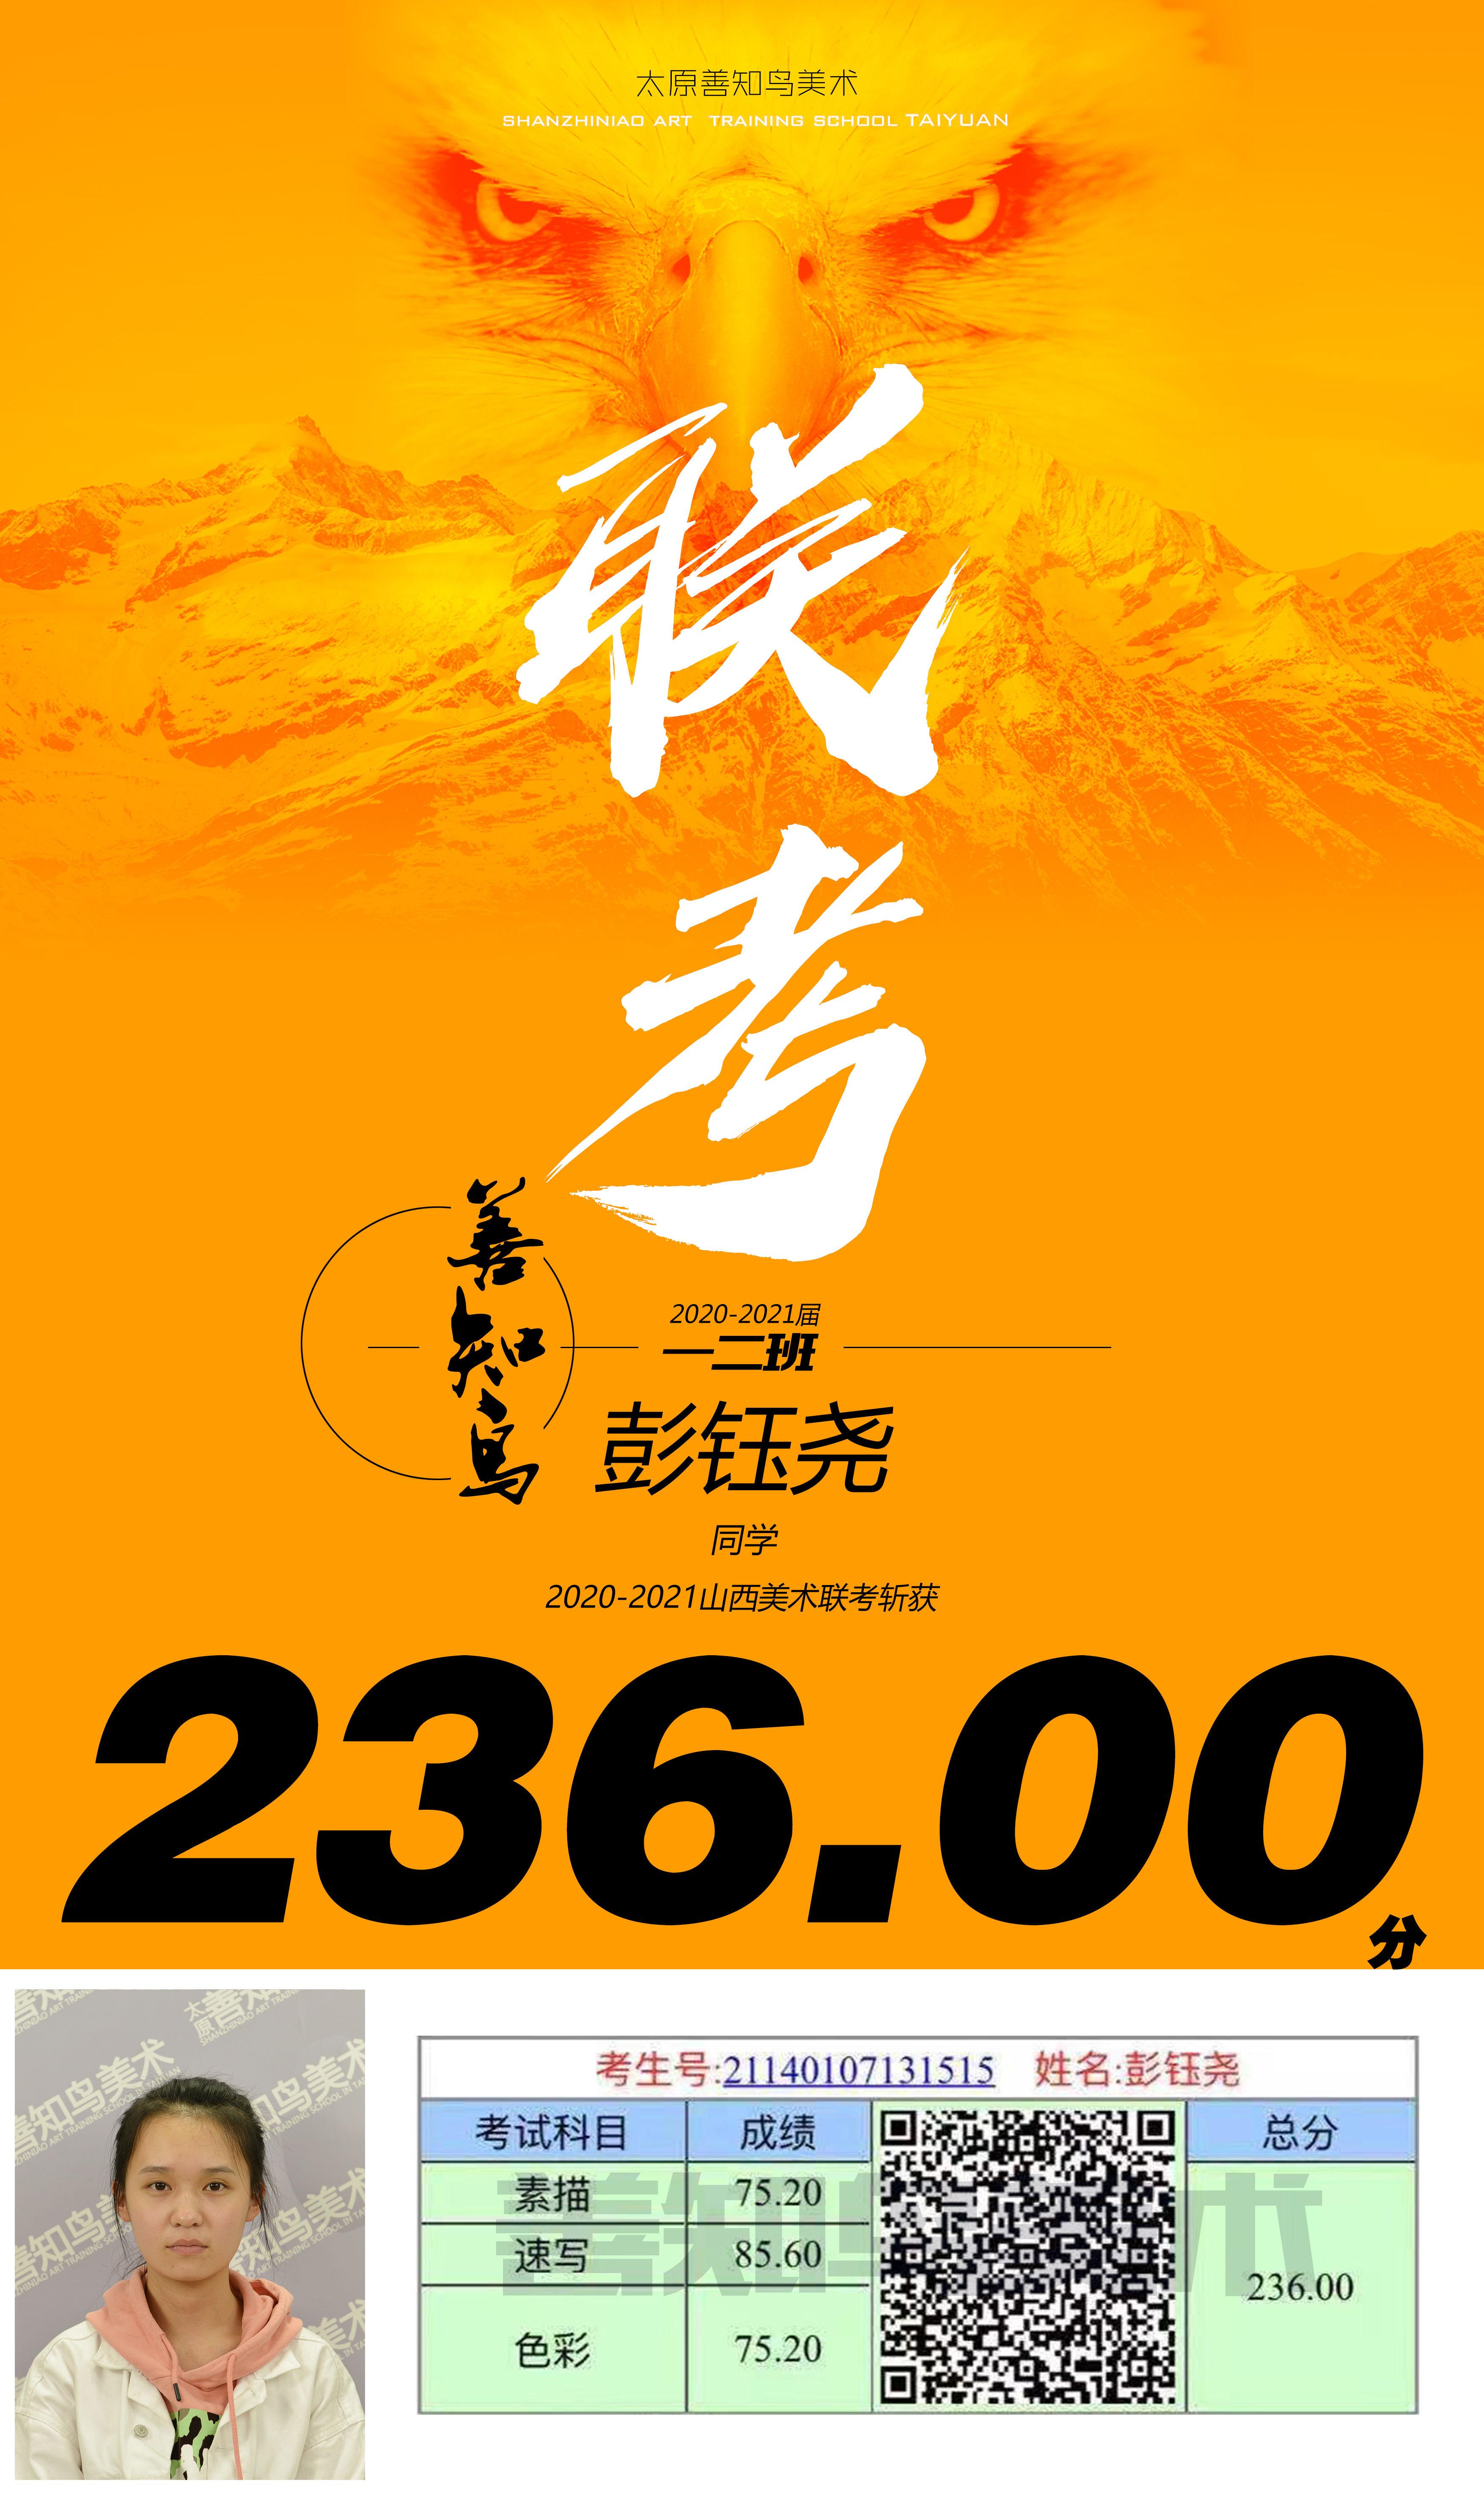 236.00彭钰尧.jpg